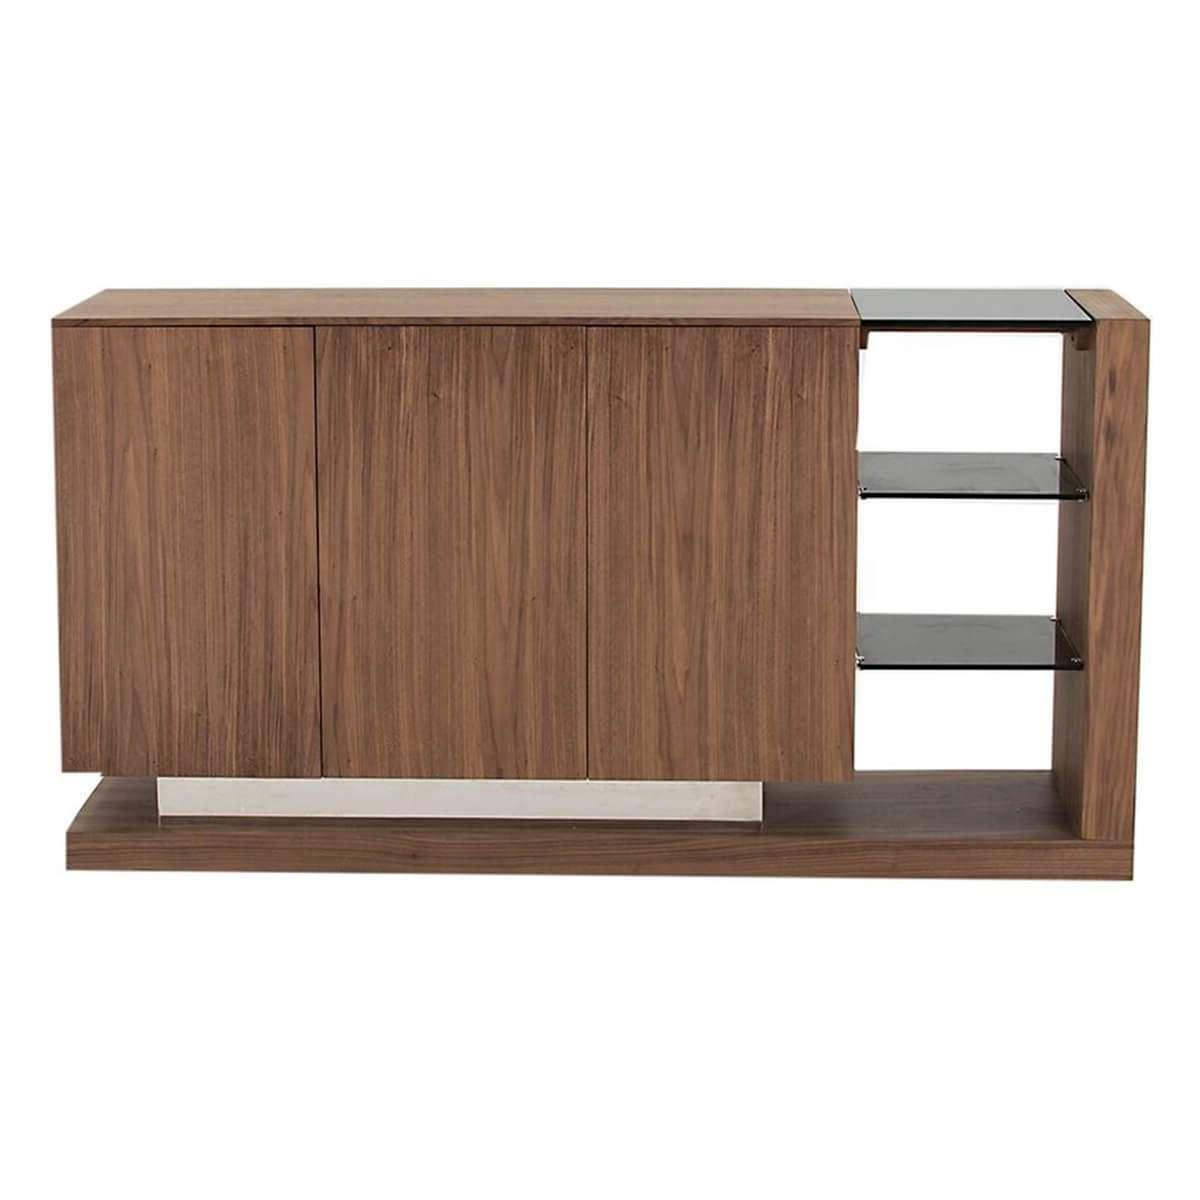 Almara Steel & Walnut Sideboard | Modern Sideboards | Fads Within Walnut Sideboards (View 14 of 20)